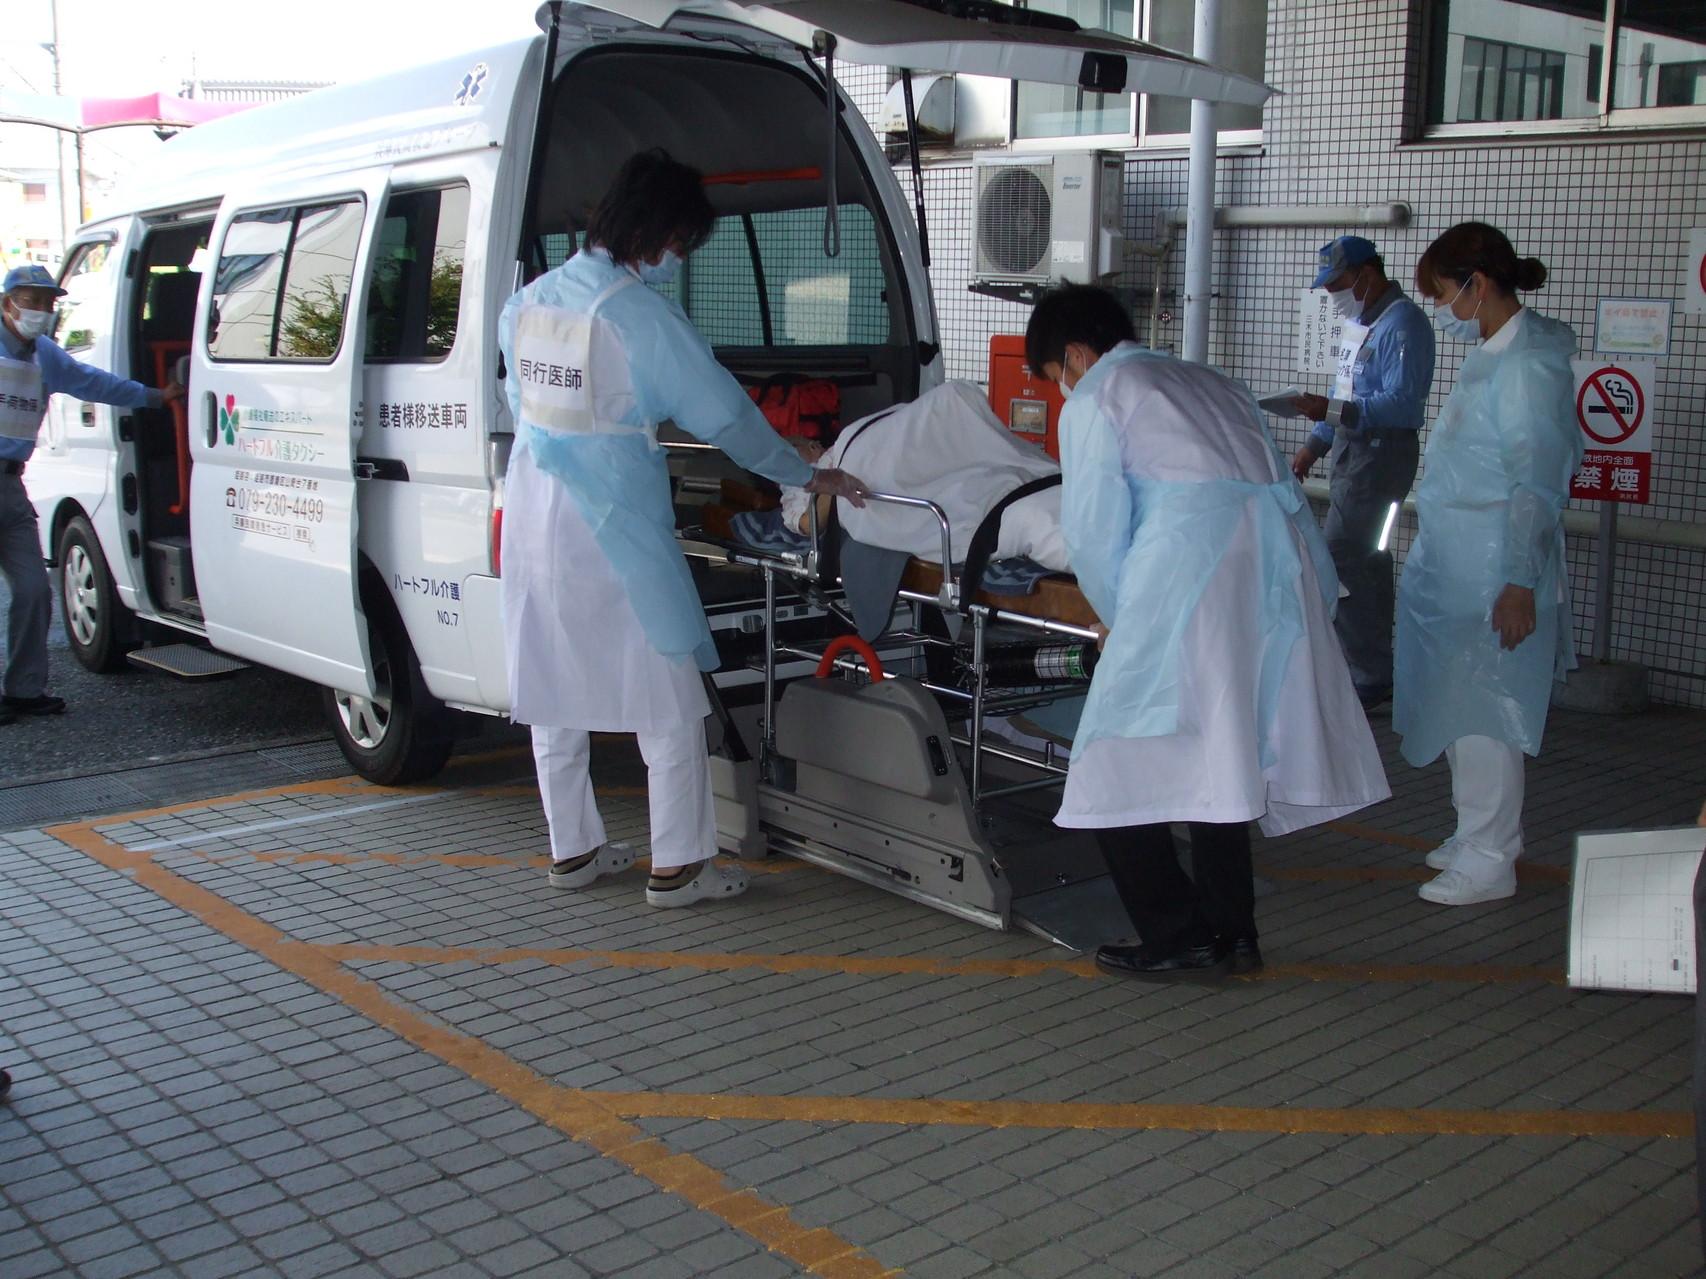 搬送スタッフにより車両に患者様が乗車中